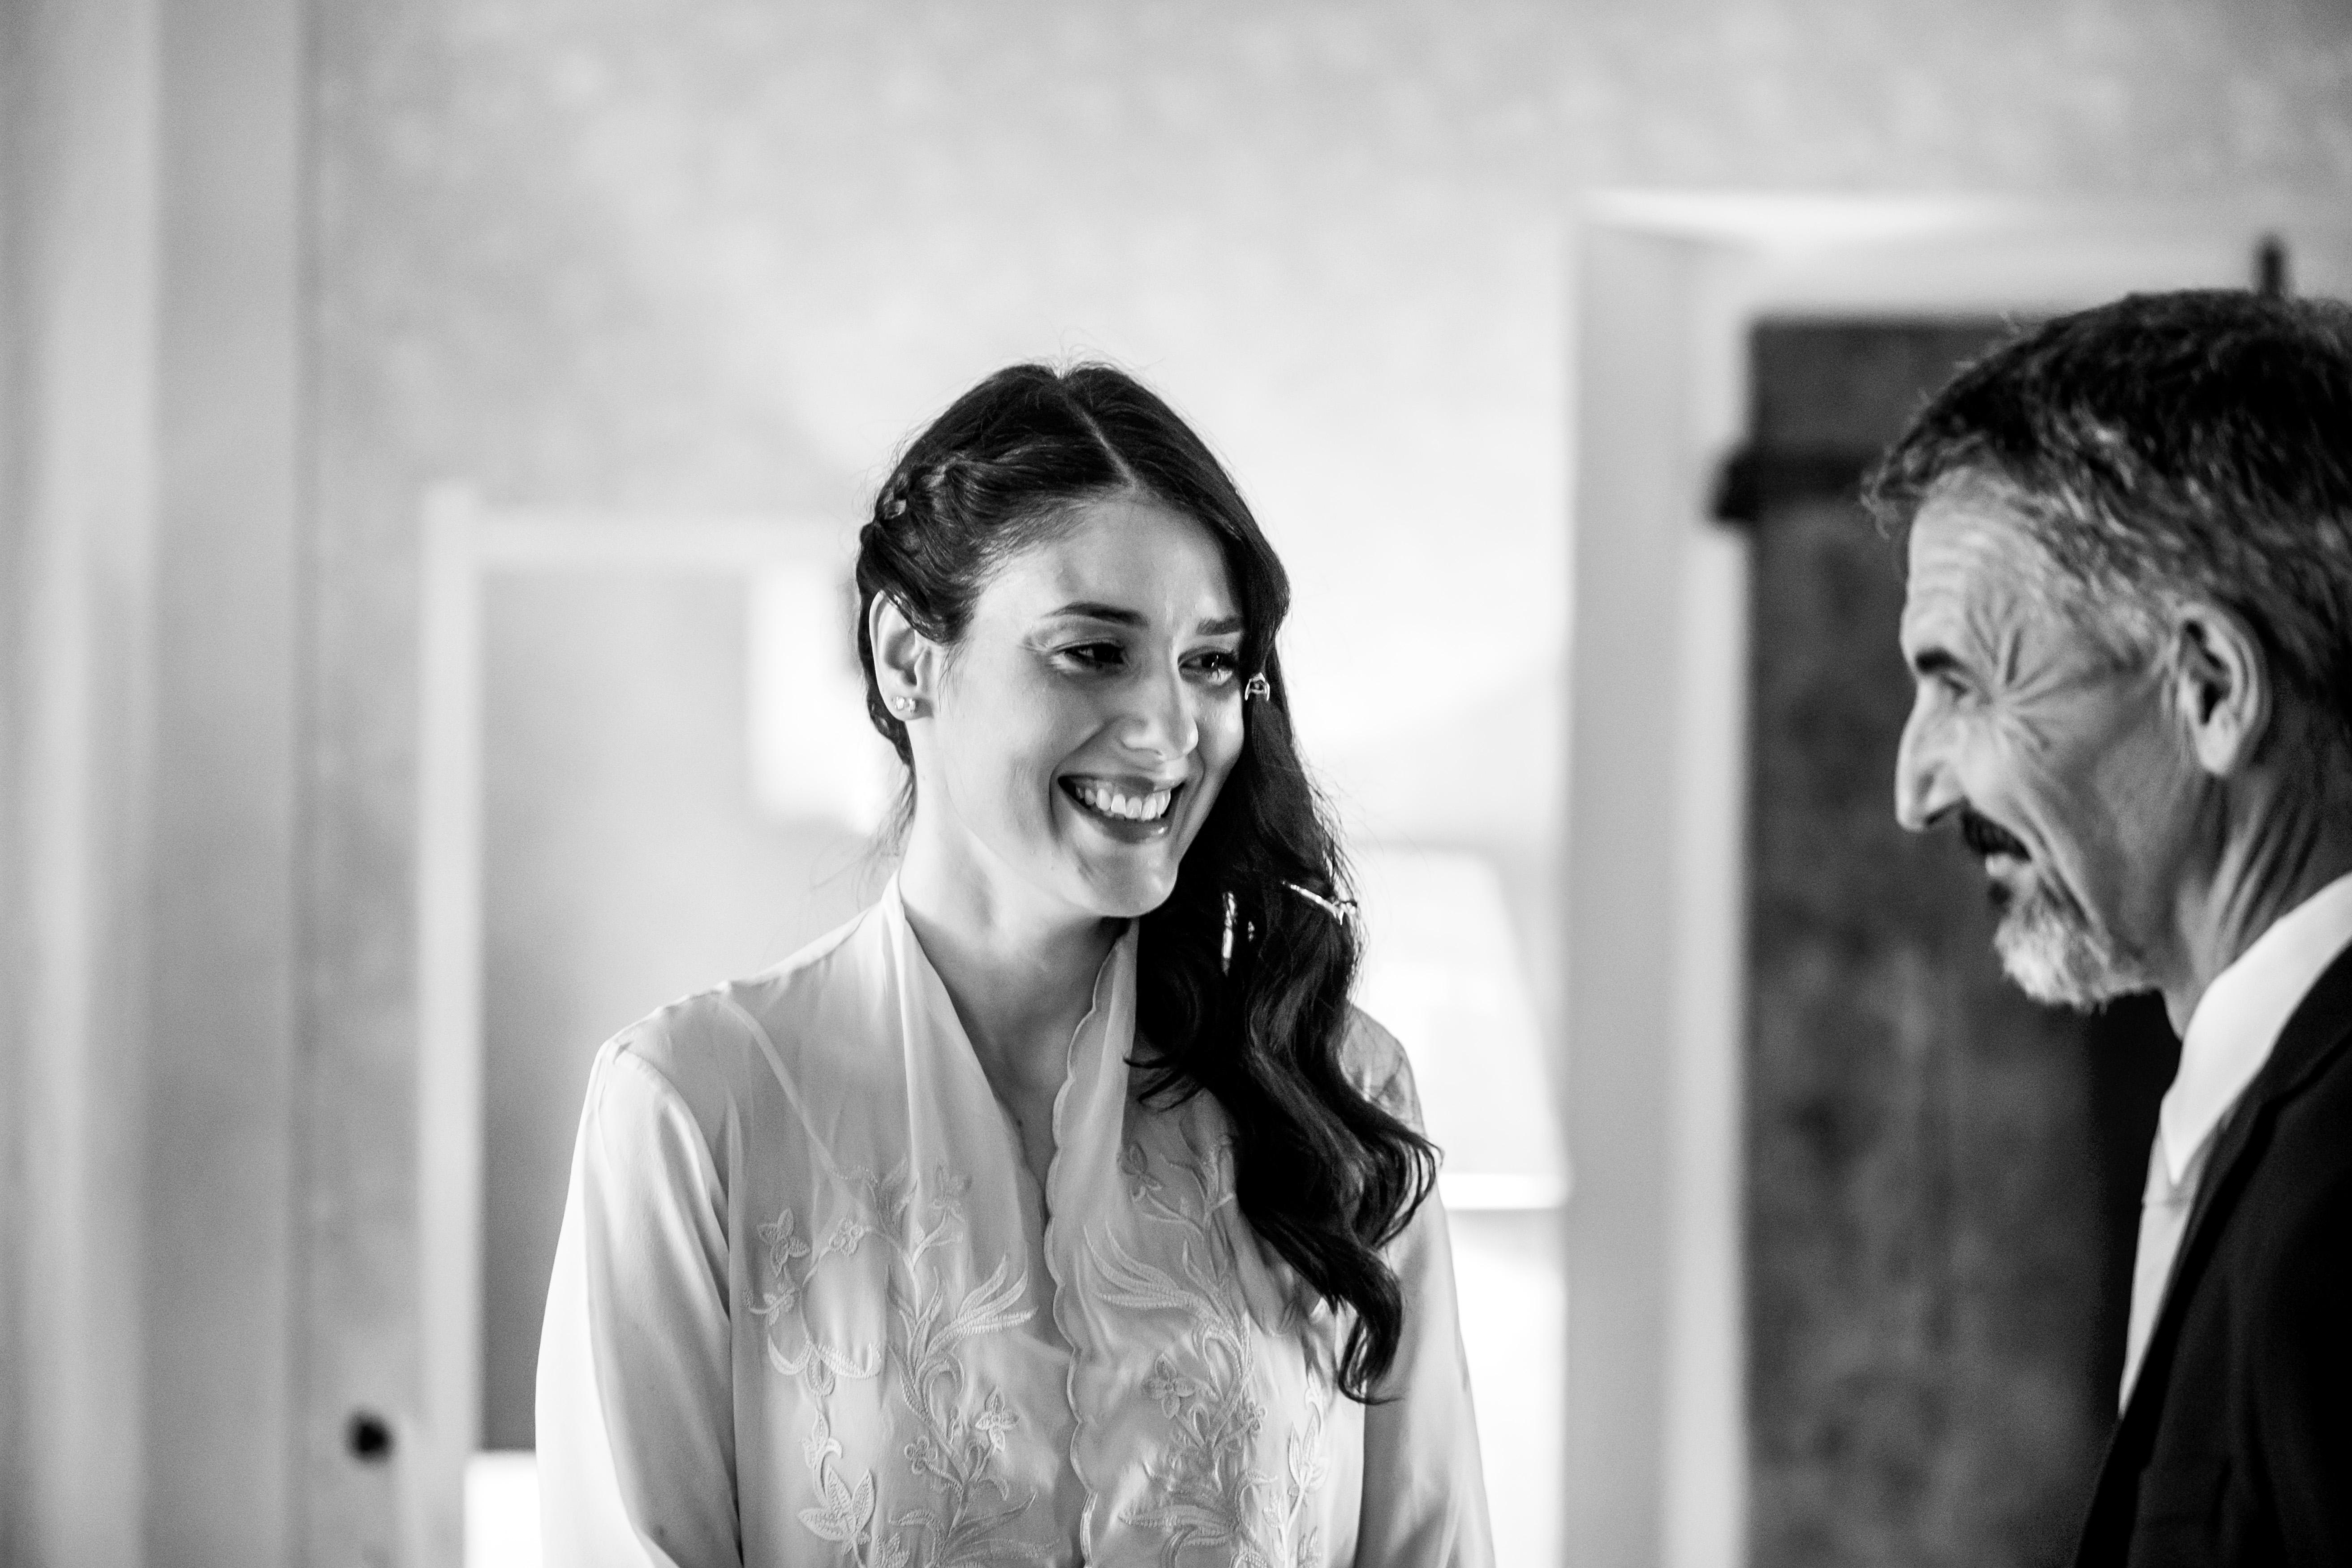 0006_gilberti_ricca_convento_annunciata_fotografi_matrimonio